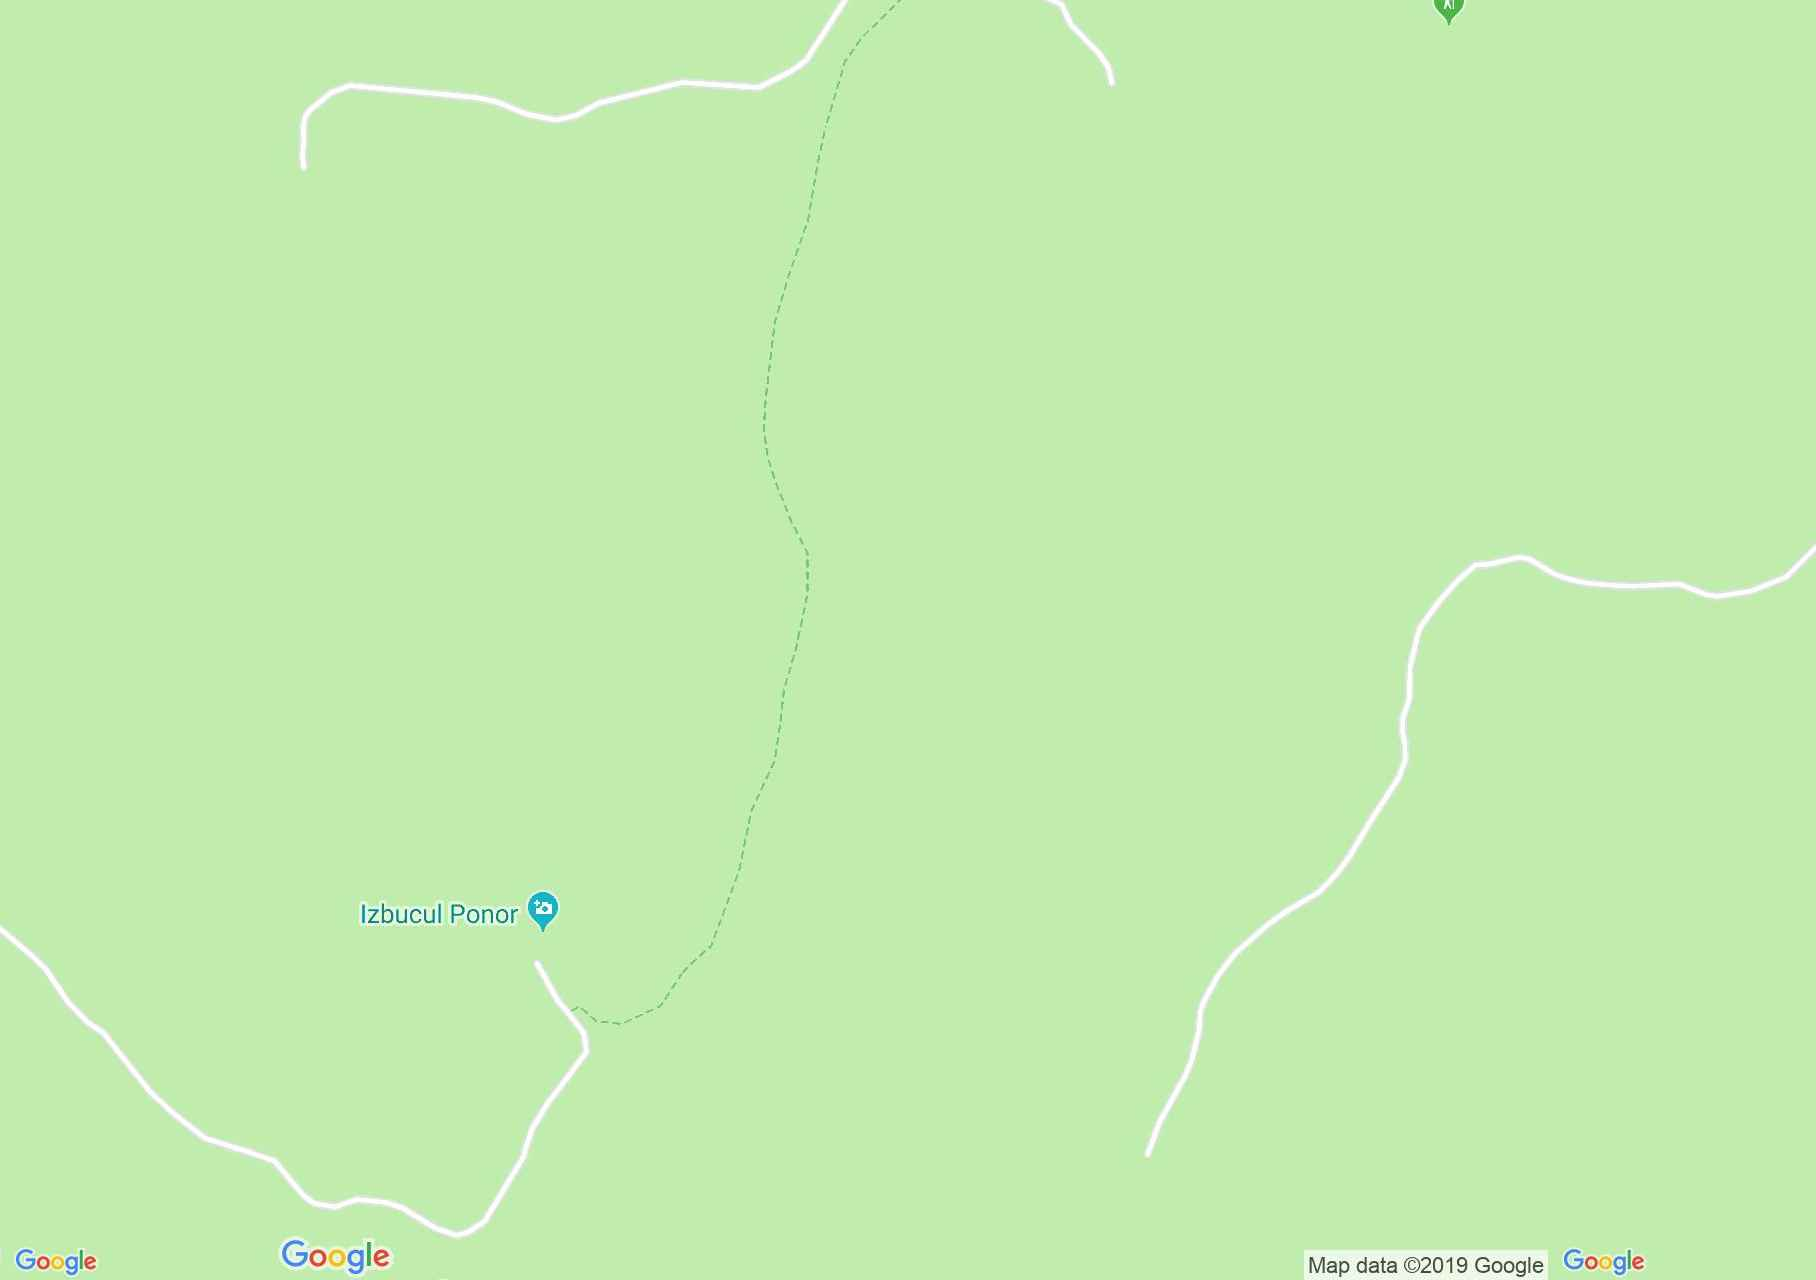 Hartă Bihor-Vlădeasa, Munţii Apuseni: Cabana Padiş - Lumea Pierdută